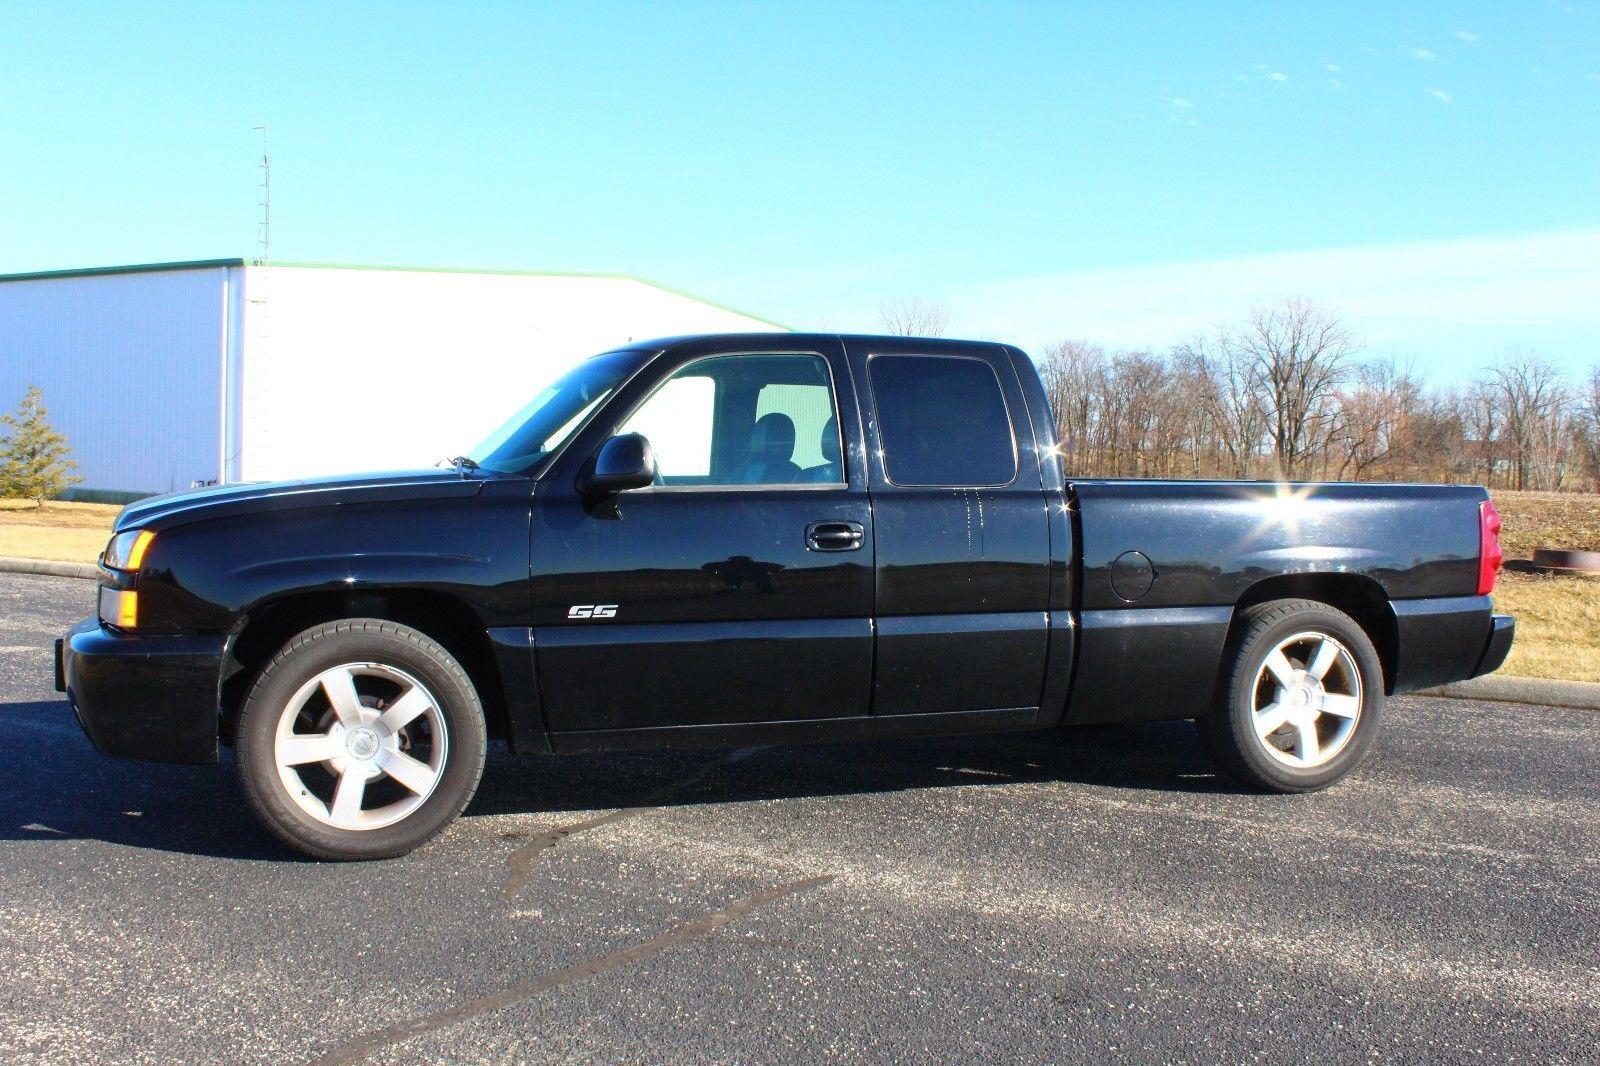 All Chevy chevy 1500 ss : RARE 2003 Chevrolet Silverado 1500 SS | Pickups for sale ...